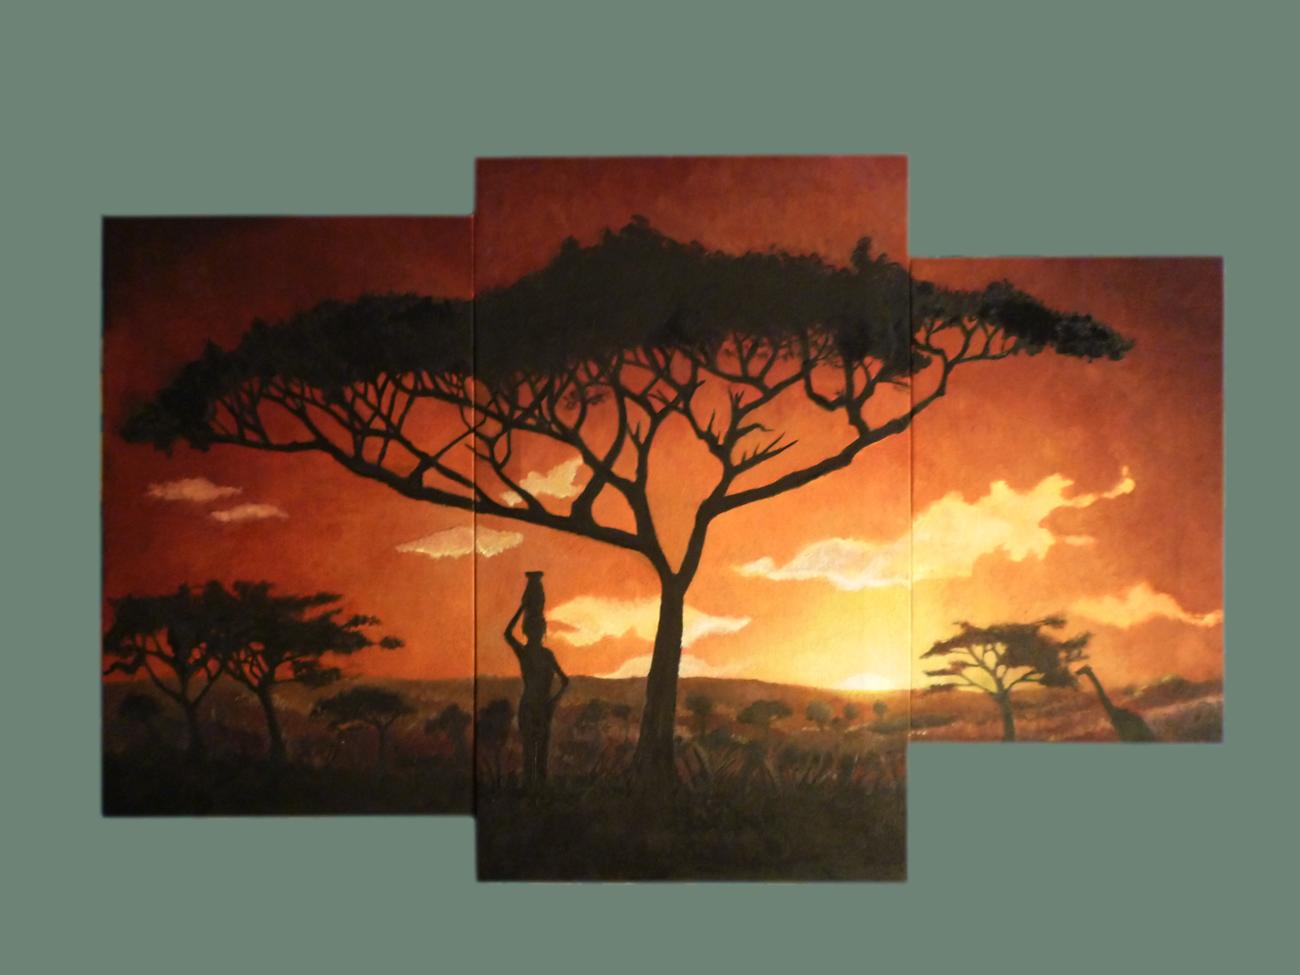 Fm oleos tr ptico de paisaje africano for Donde puedo comprar cuadros